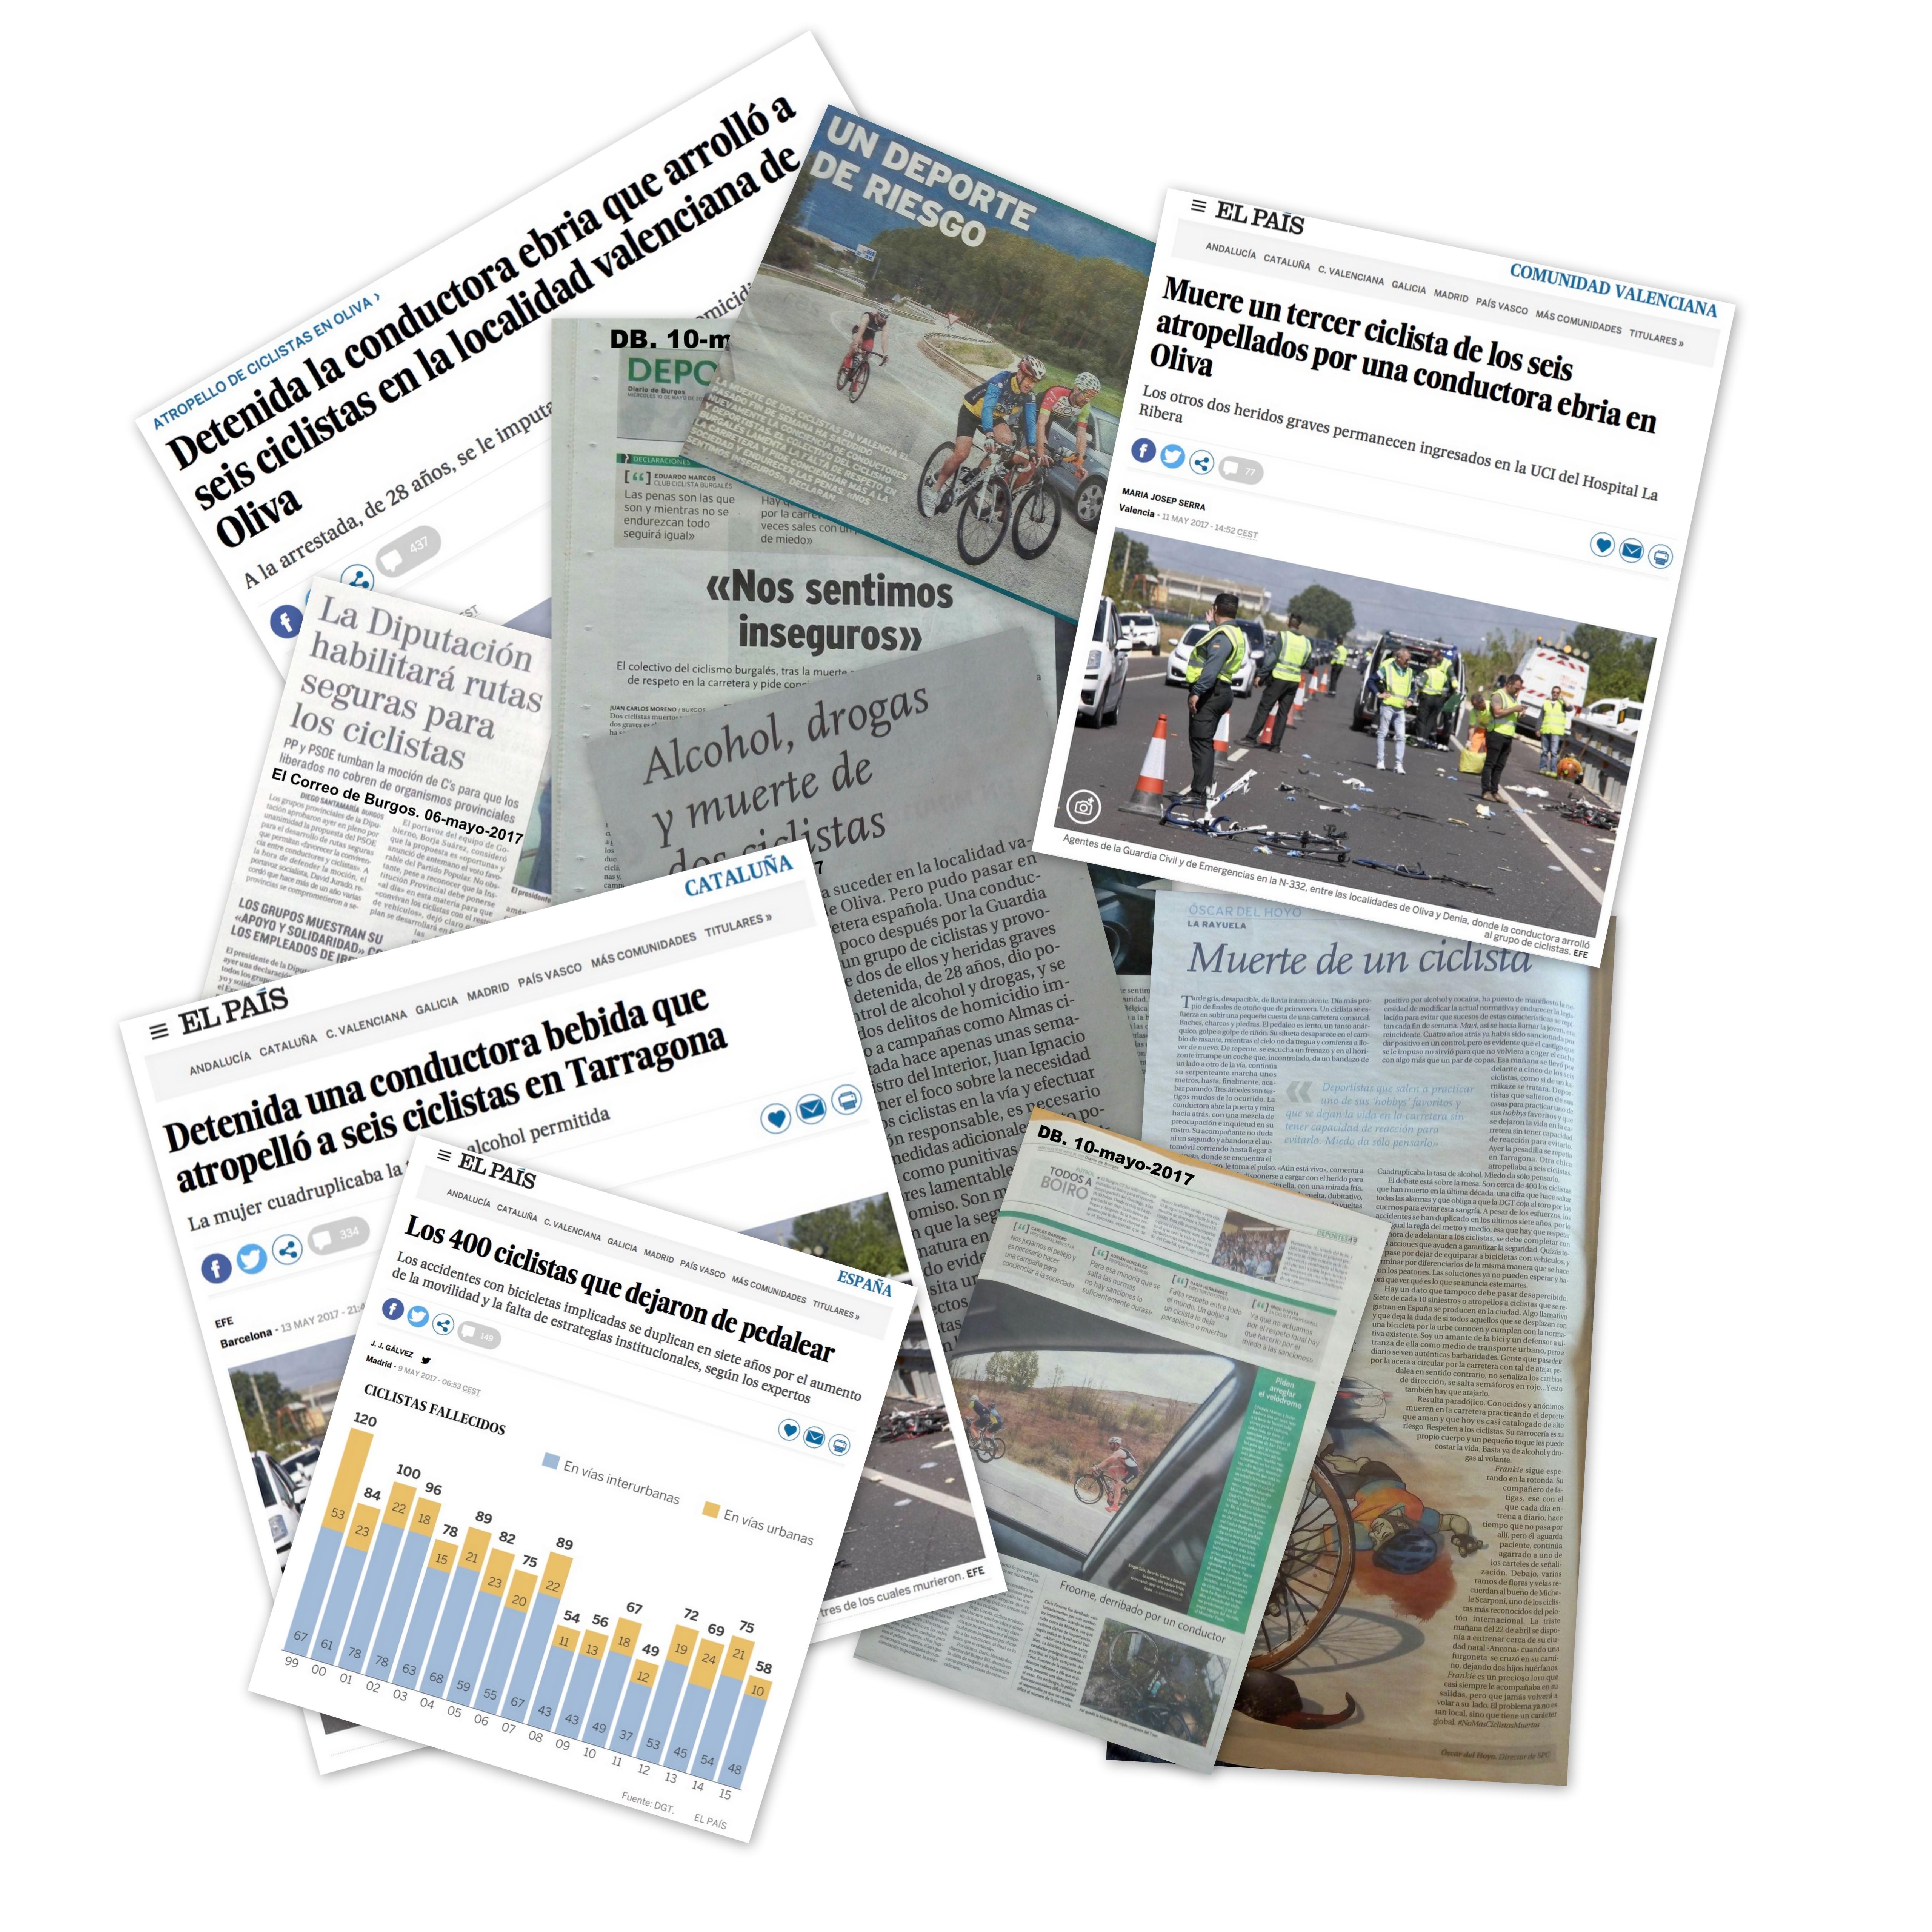 Collage de noticias de ciclistas muertos por atropello últimos meses